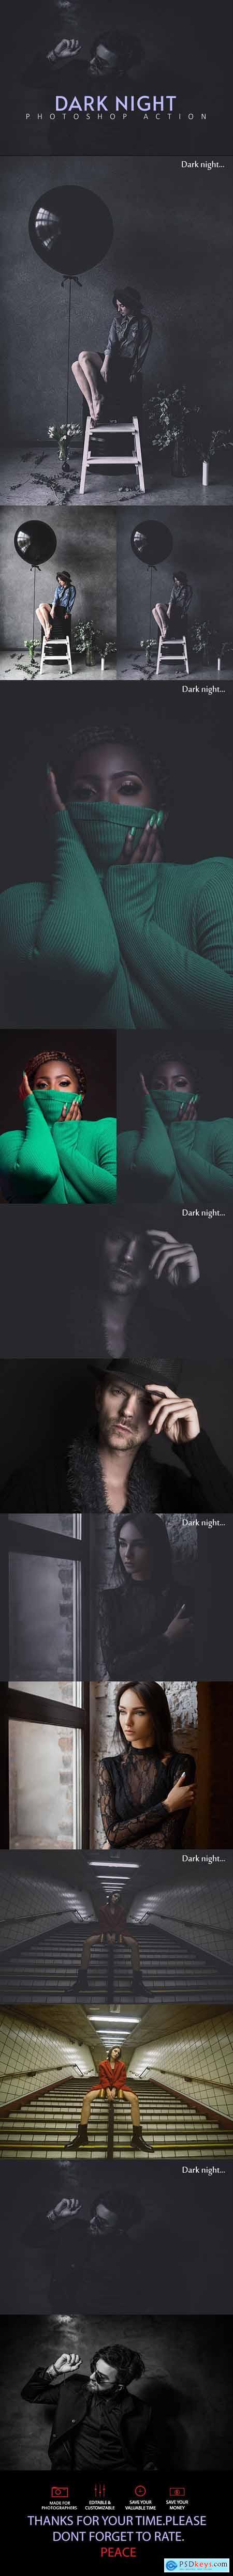 Dark Night Photoshop Action 25606778